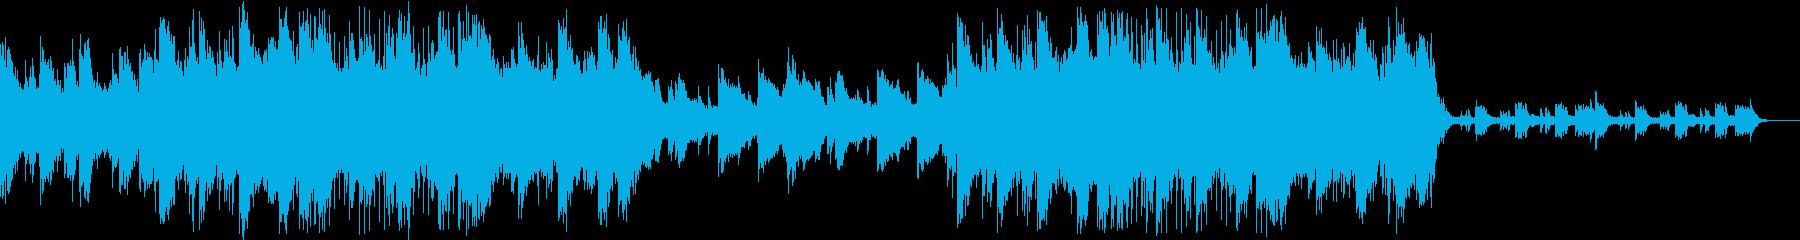 幻想的な雰囲気のBGMの再生済みの波形